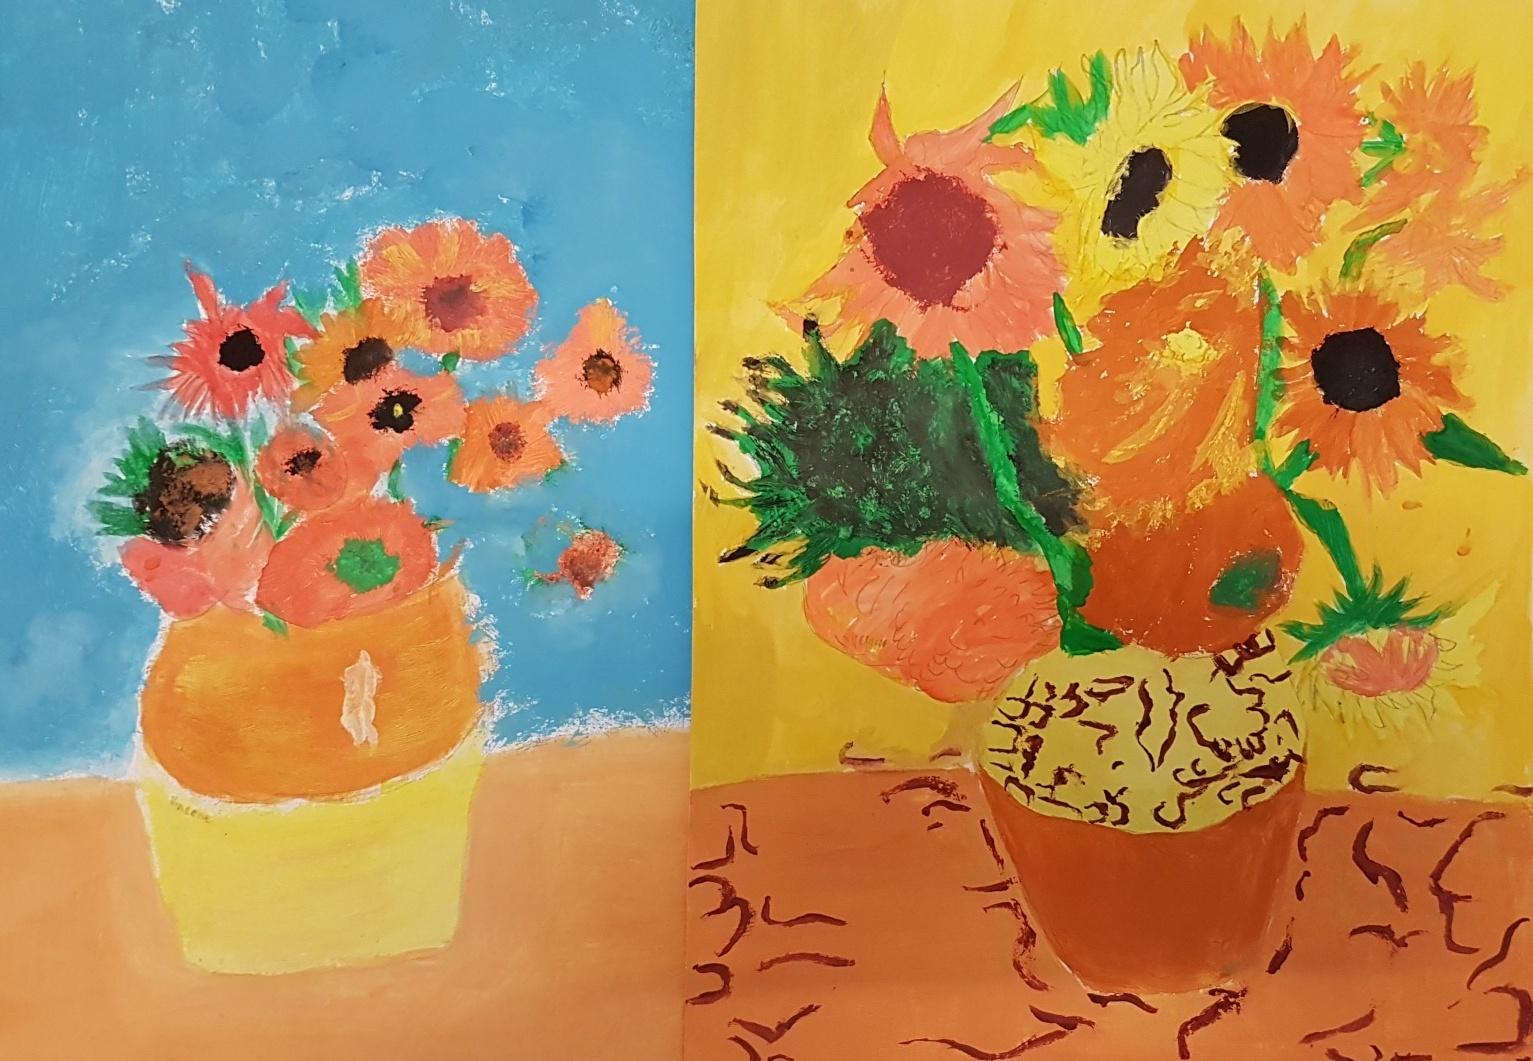 Gogh-Slunečnice-parafráze-Neumeierová-Straková-9.r.